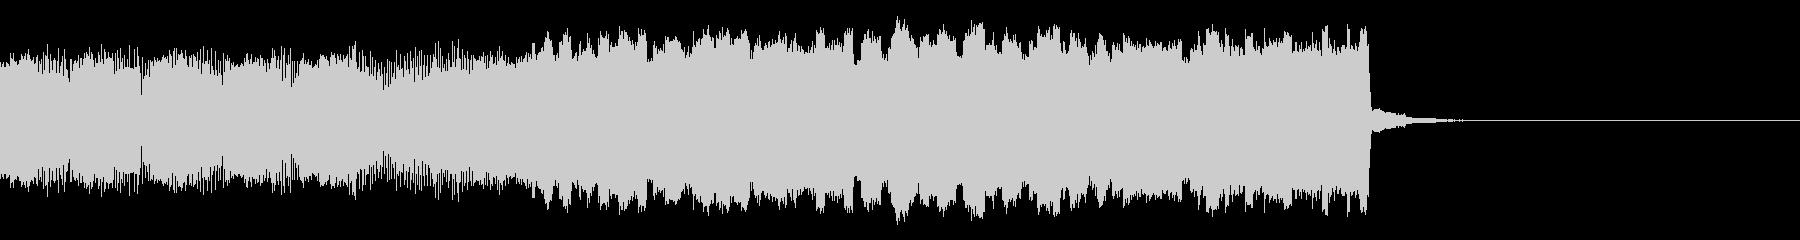 パチンコ的メロディインパクト音01の未再生の波形